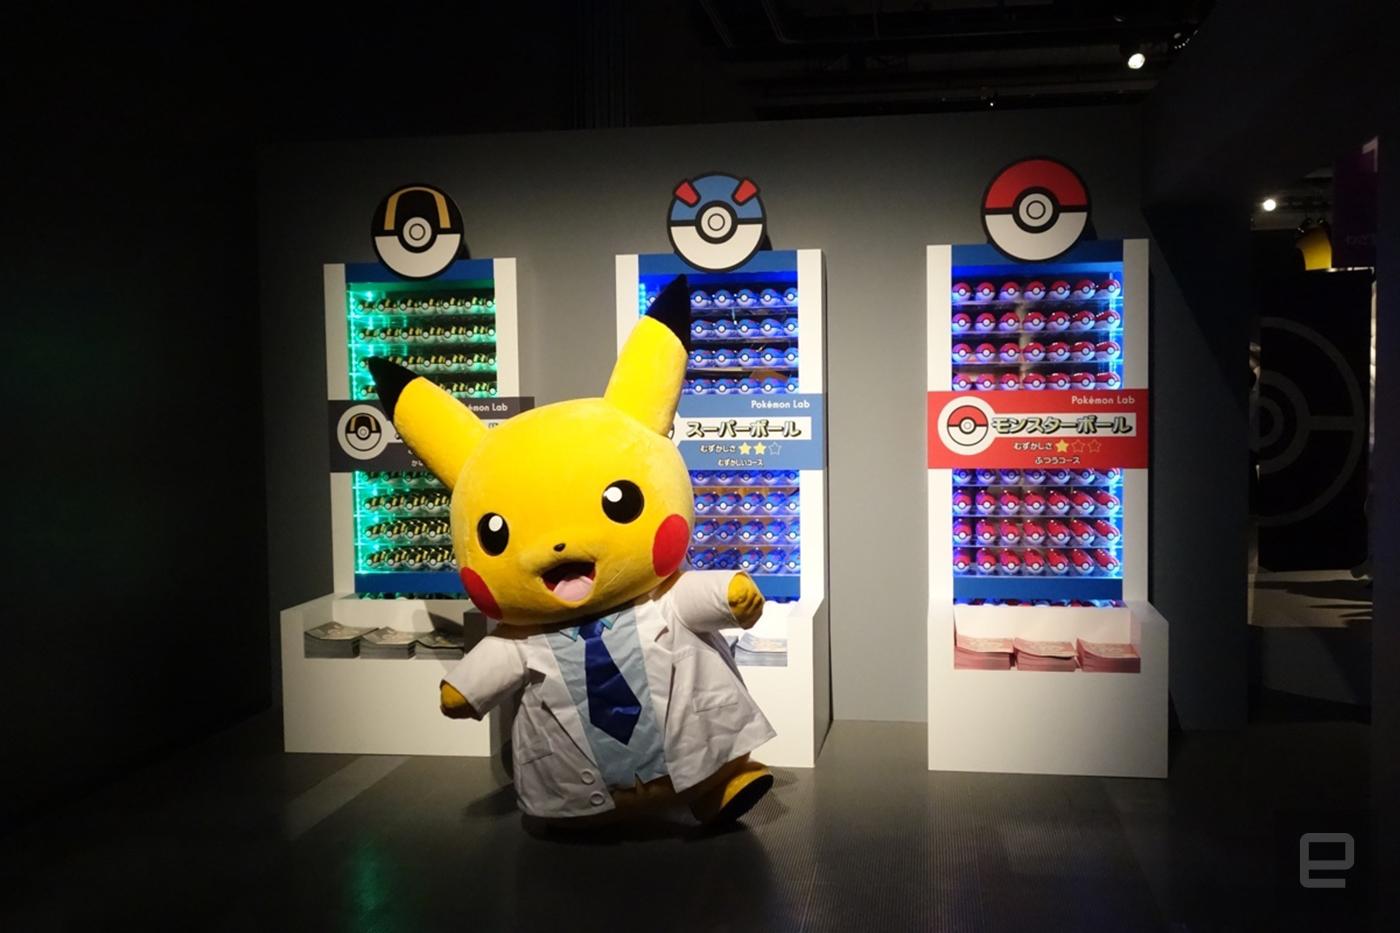 Should Pokémon move to consoles?